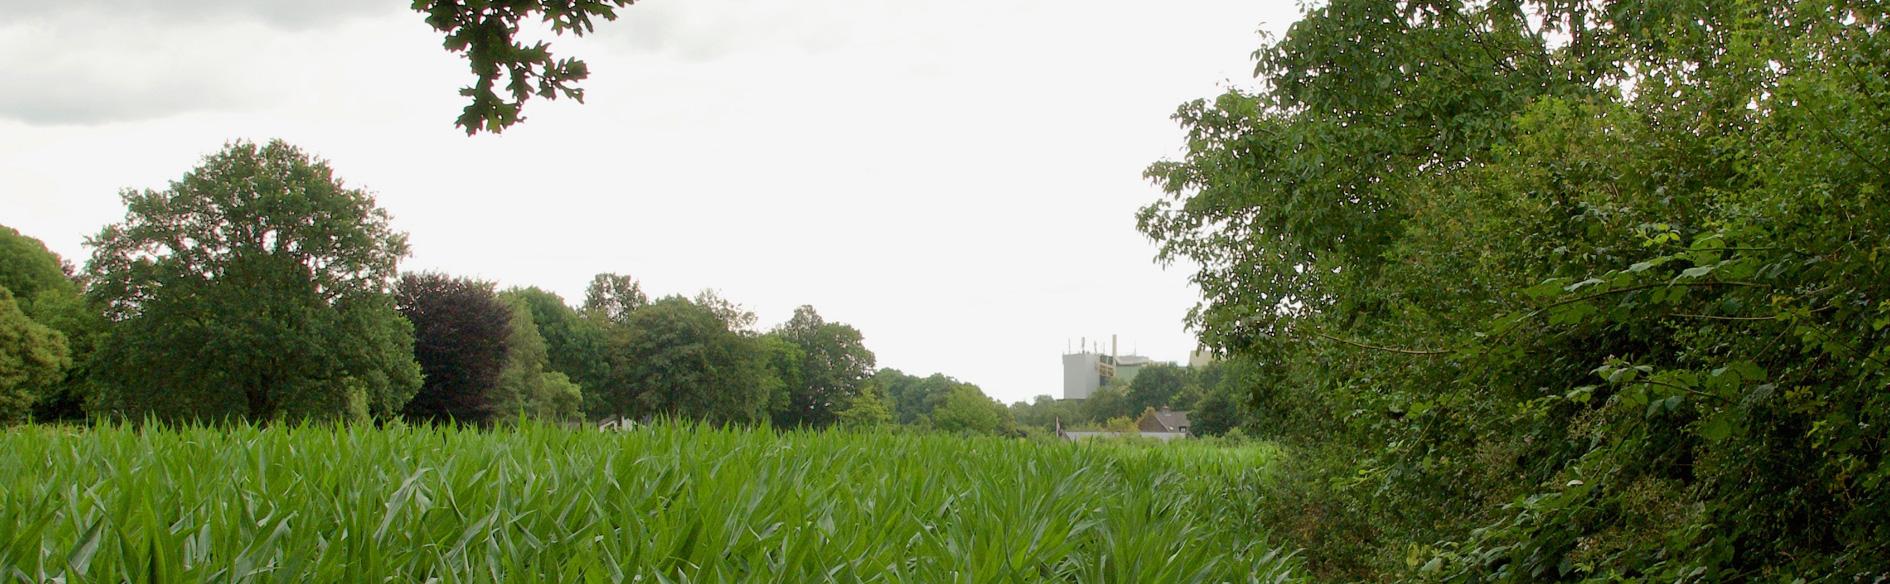 Landerijen met aan achterzijde boerenbond gebouw